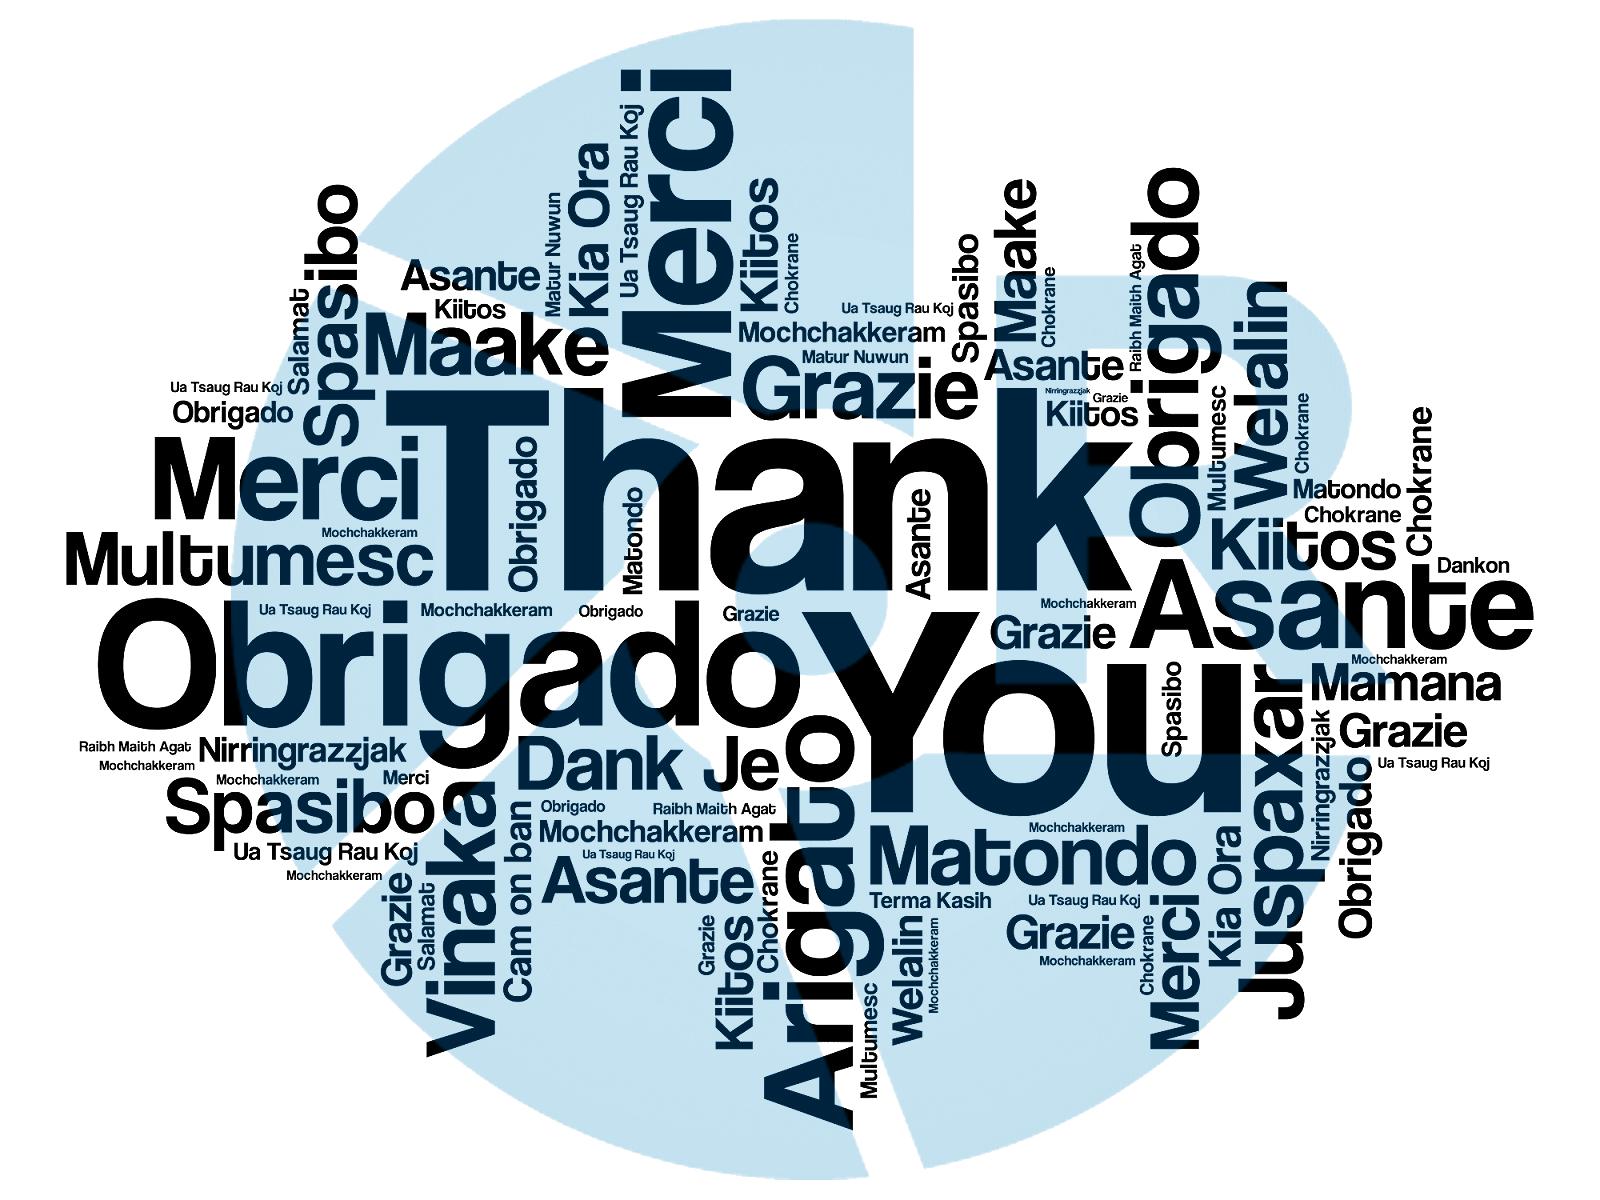 rotometrics global thanks